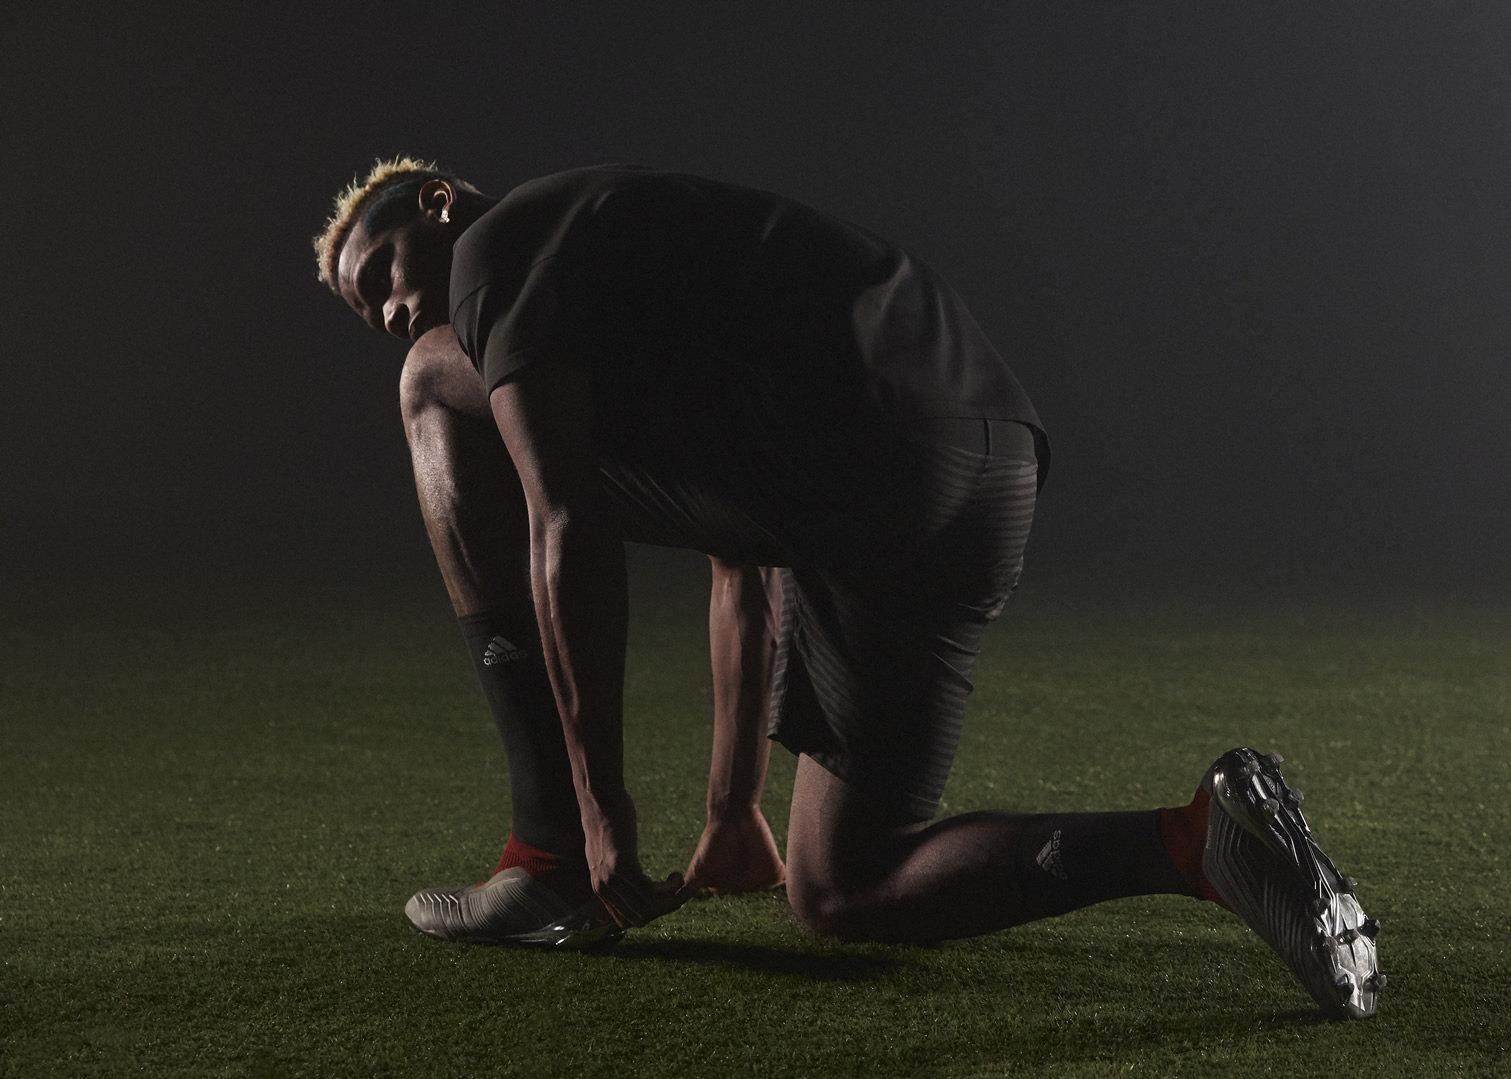 Nuevo botines Predator exclusivos de Paul Pogba | Foto Adidas